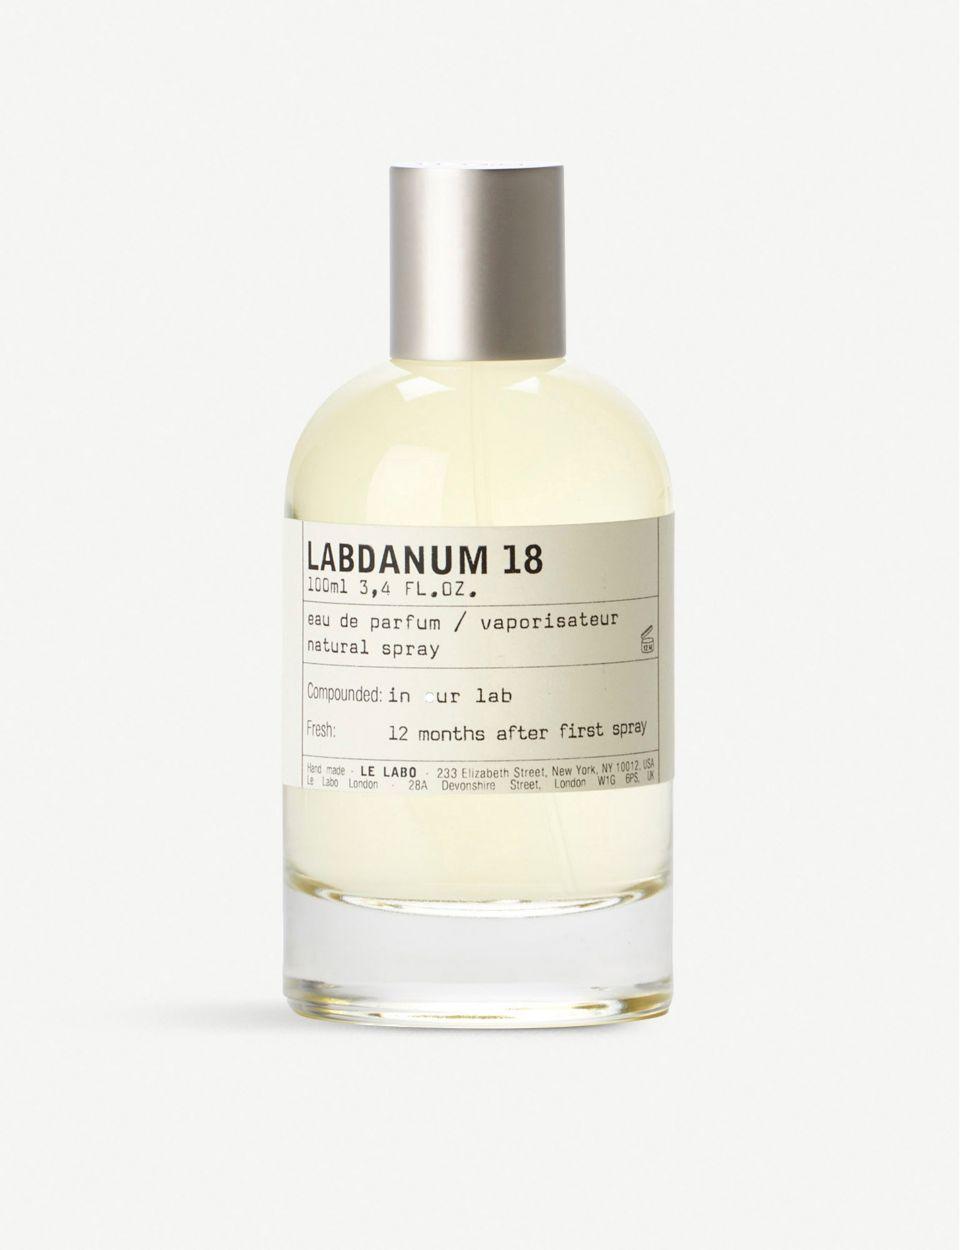 Labdanum 18 Eau de Parfum